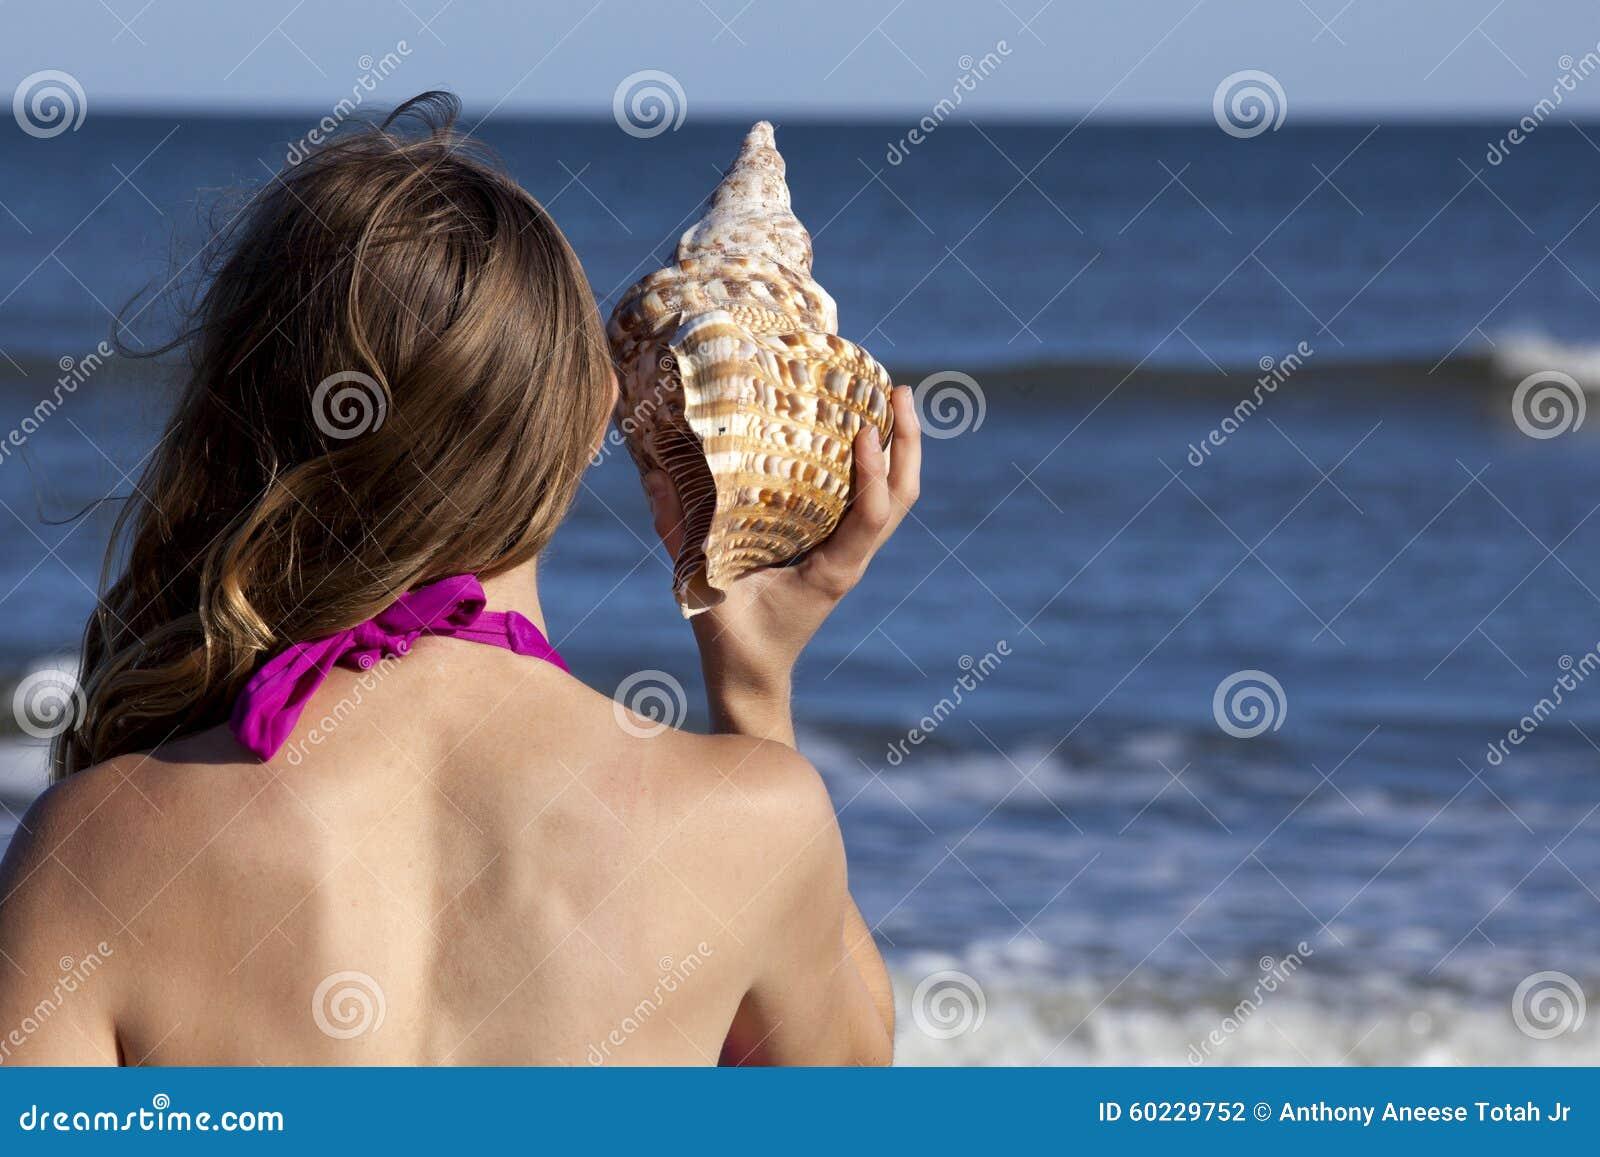 Costume Da Bagno Conchiglia : Bambina in un costume da bagno con una conchiglia u foto stock